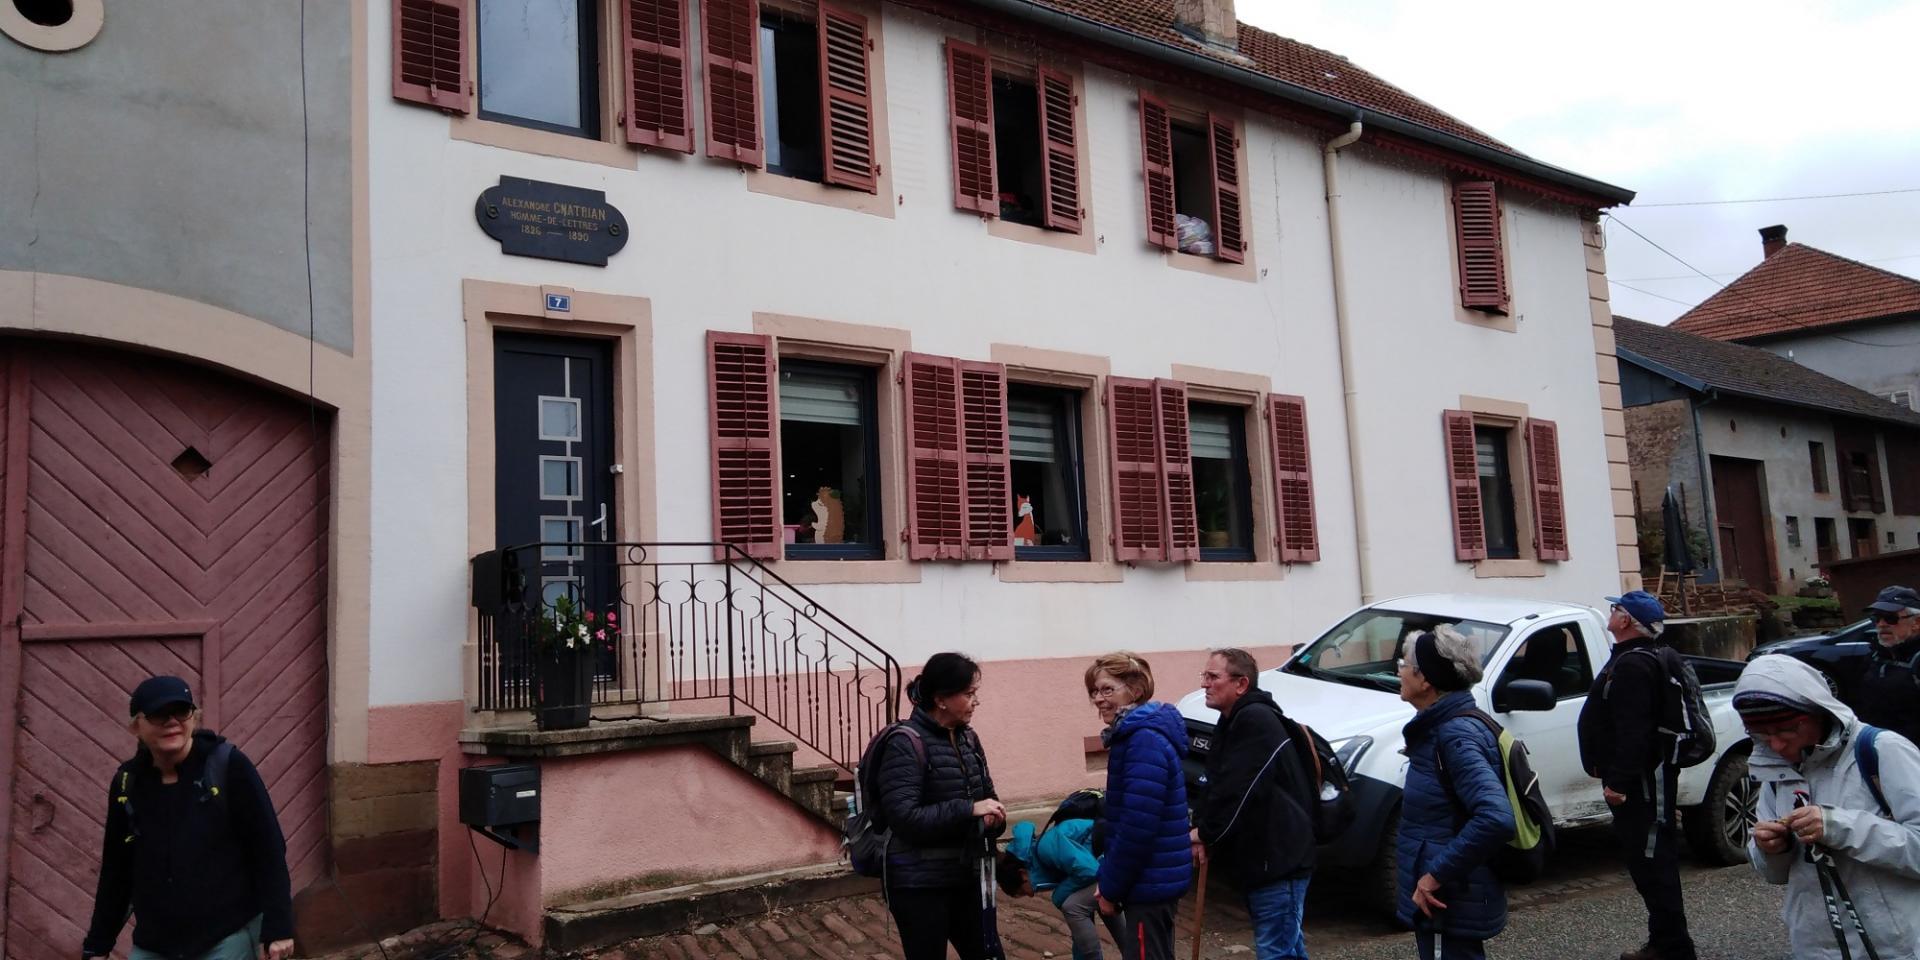 Maison natale Chatrian